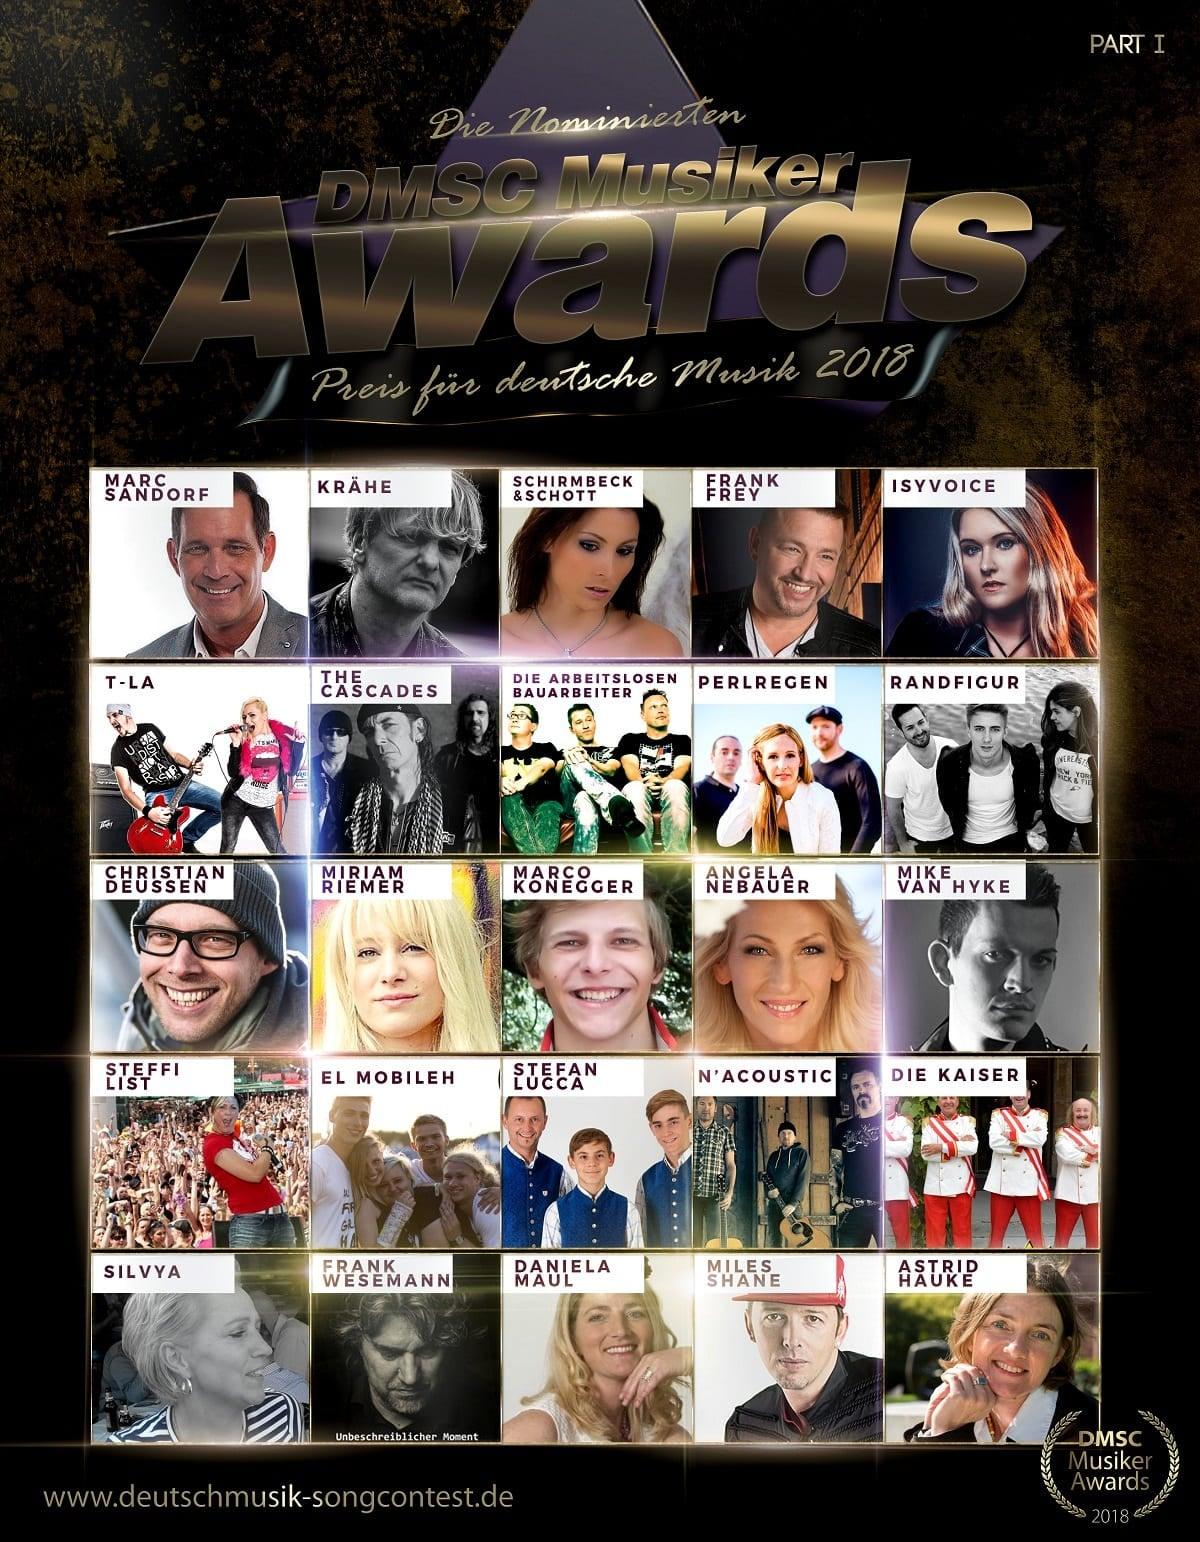 Deutschmusik Song Contest gibt Nominierungen für die DMSC-Musiker-Awards 2018 bekannt